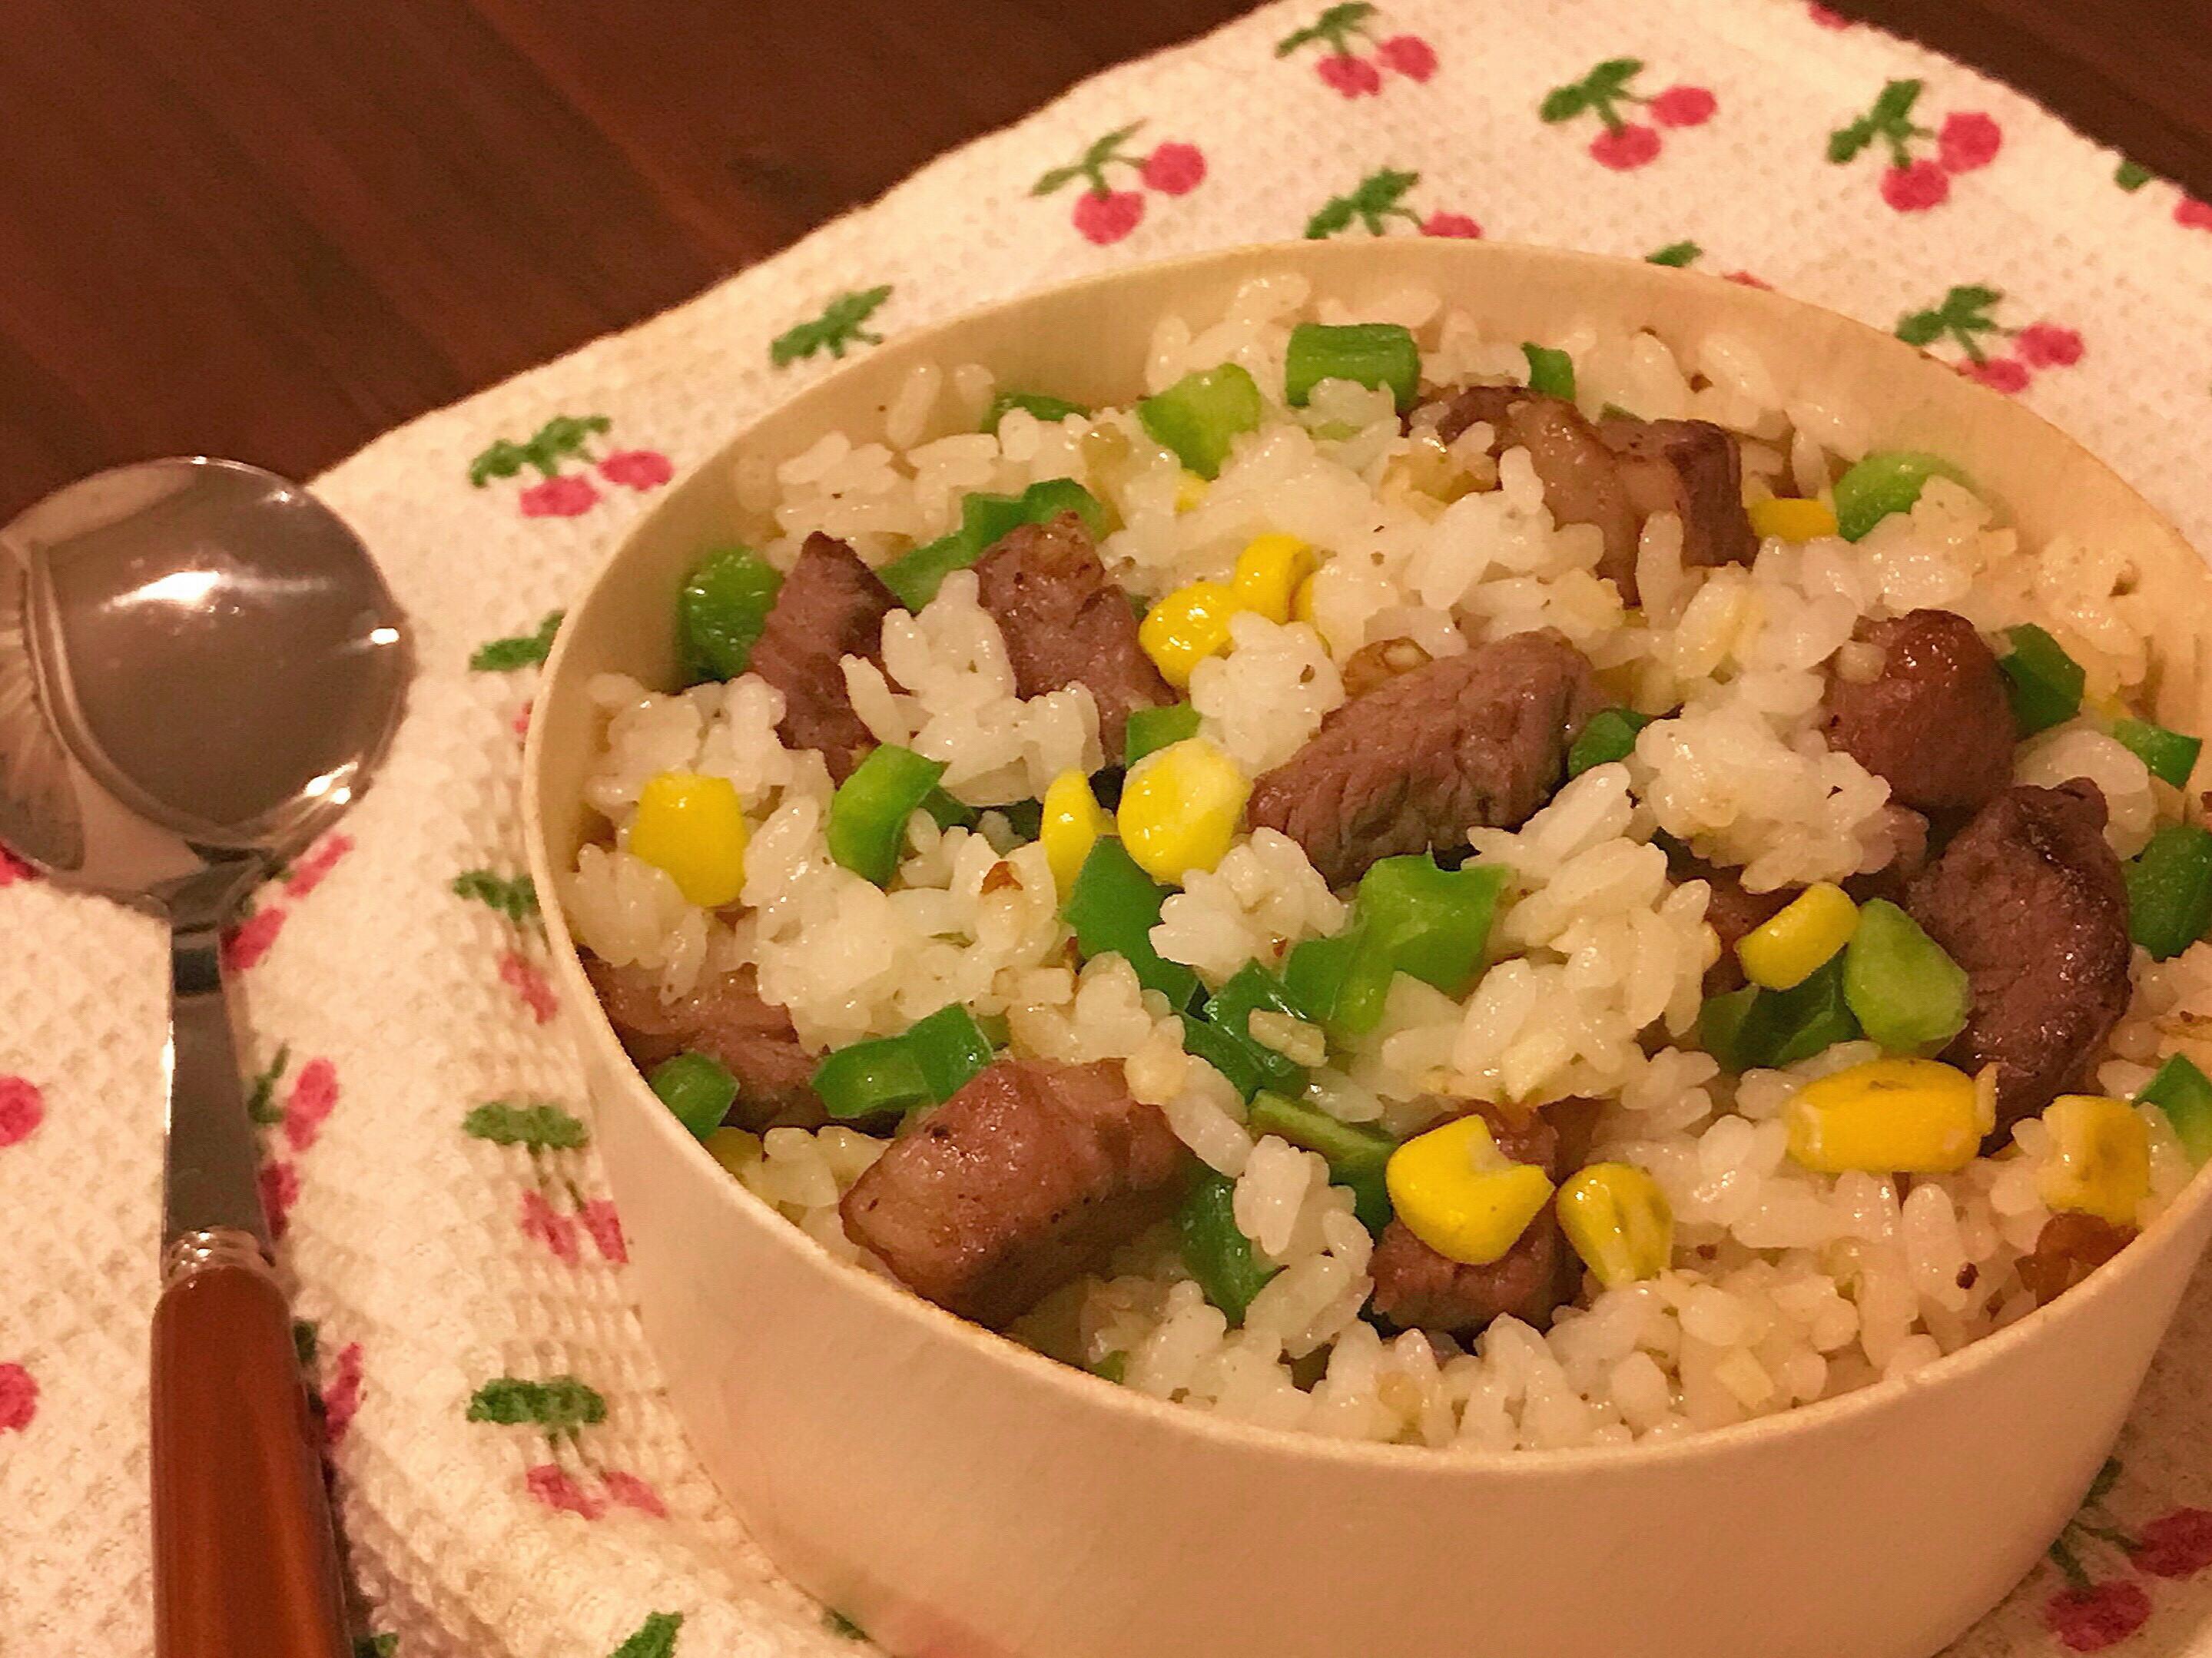 粒粒分明的油蔥酥牛肉炒飯(少油)